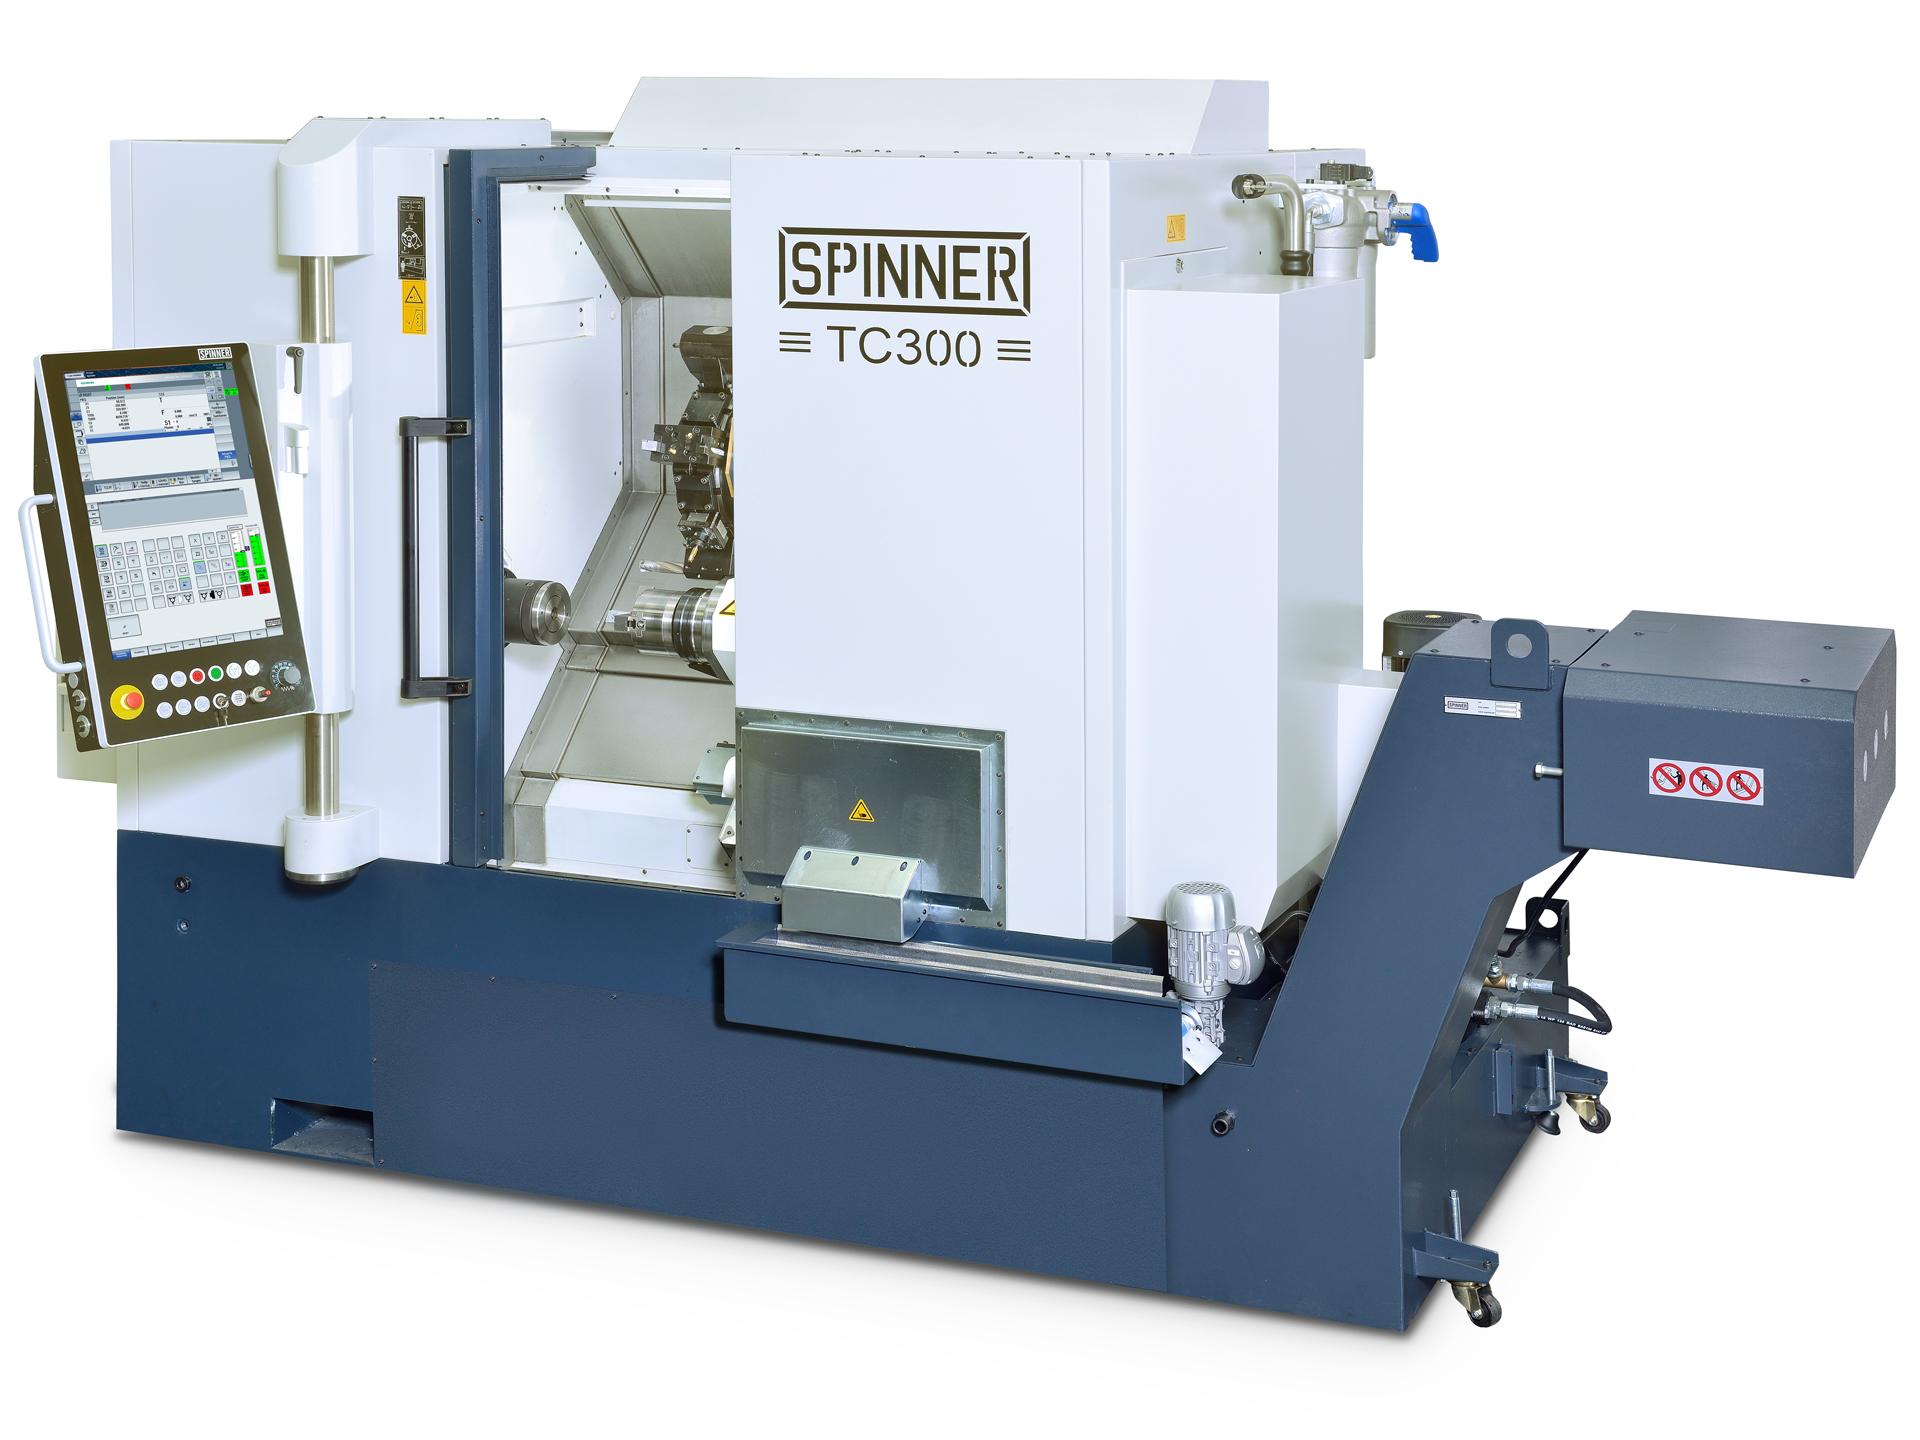 Spinner AG - Spinner TC300 mit Spinner Touch-Panel 4.0